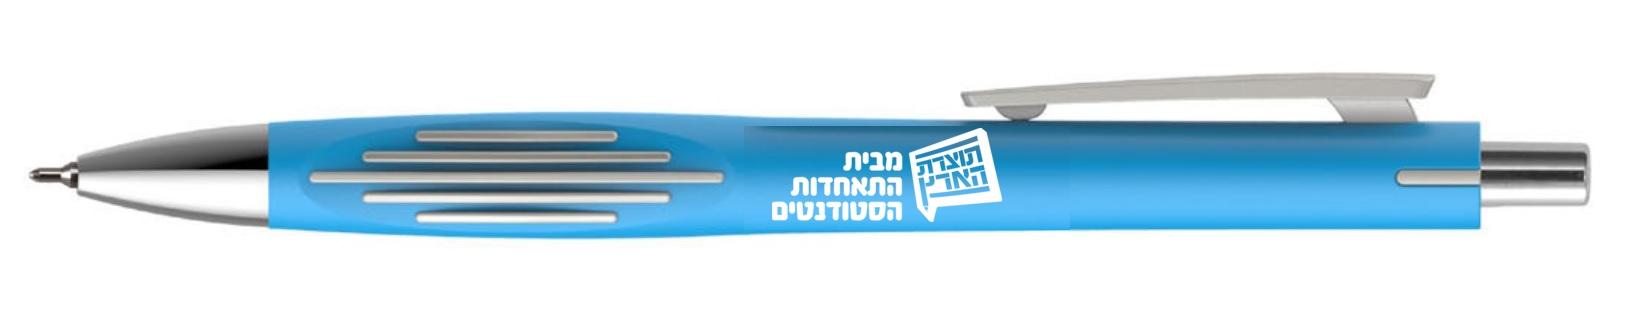 עט ג'ל 0.7